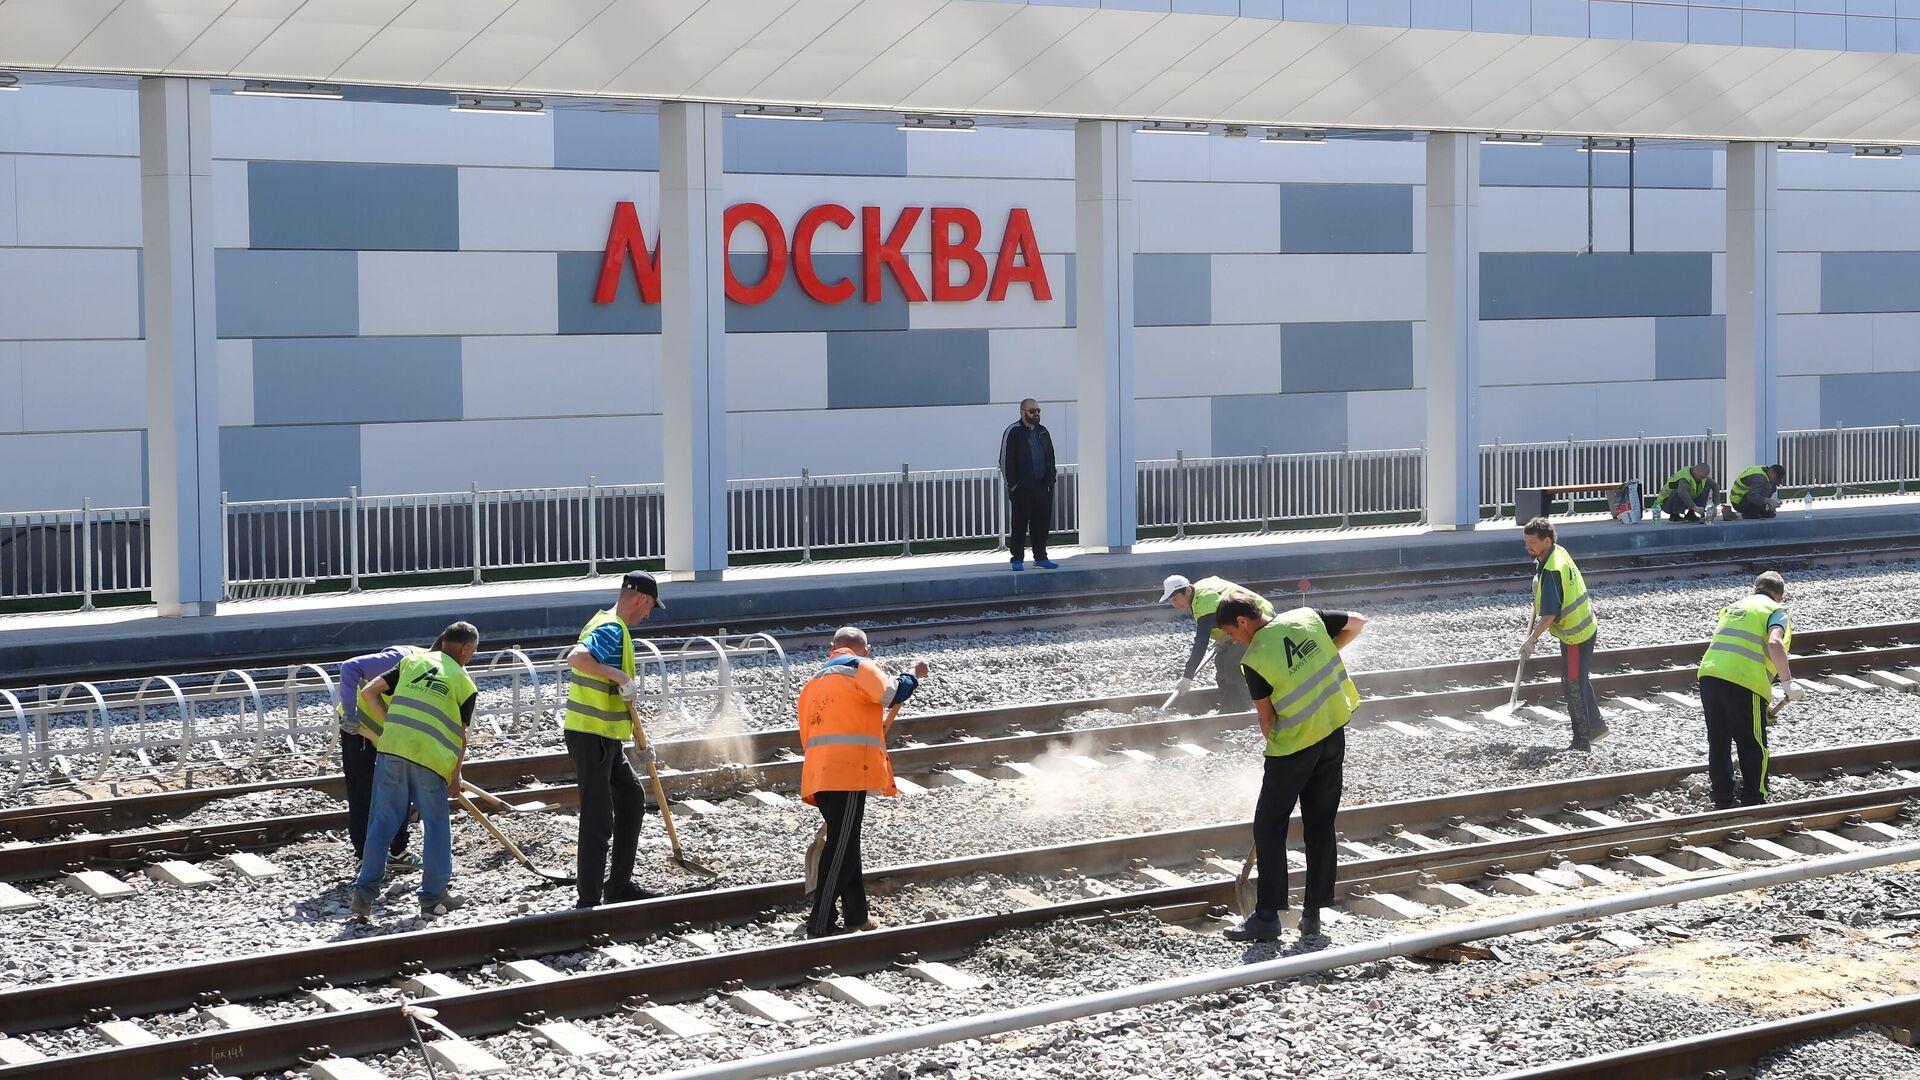 Рабочие на строительной площадке нового вокзального комплекса Восточный в Москве - РИА Новости, 1920, 26.07.2021